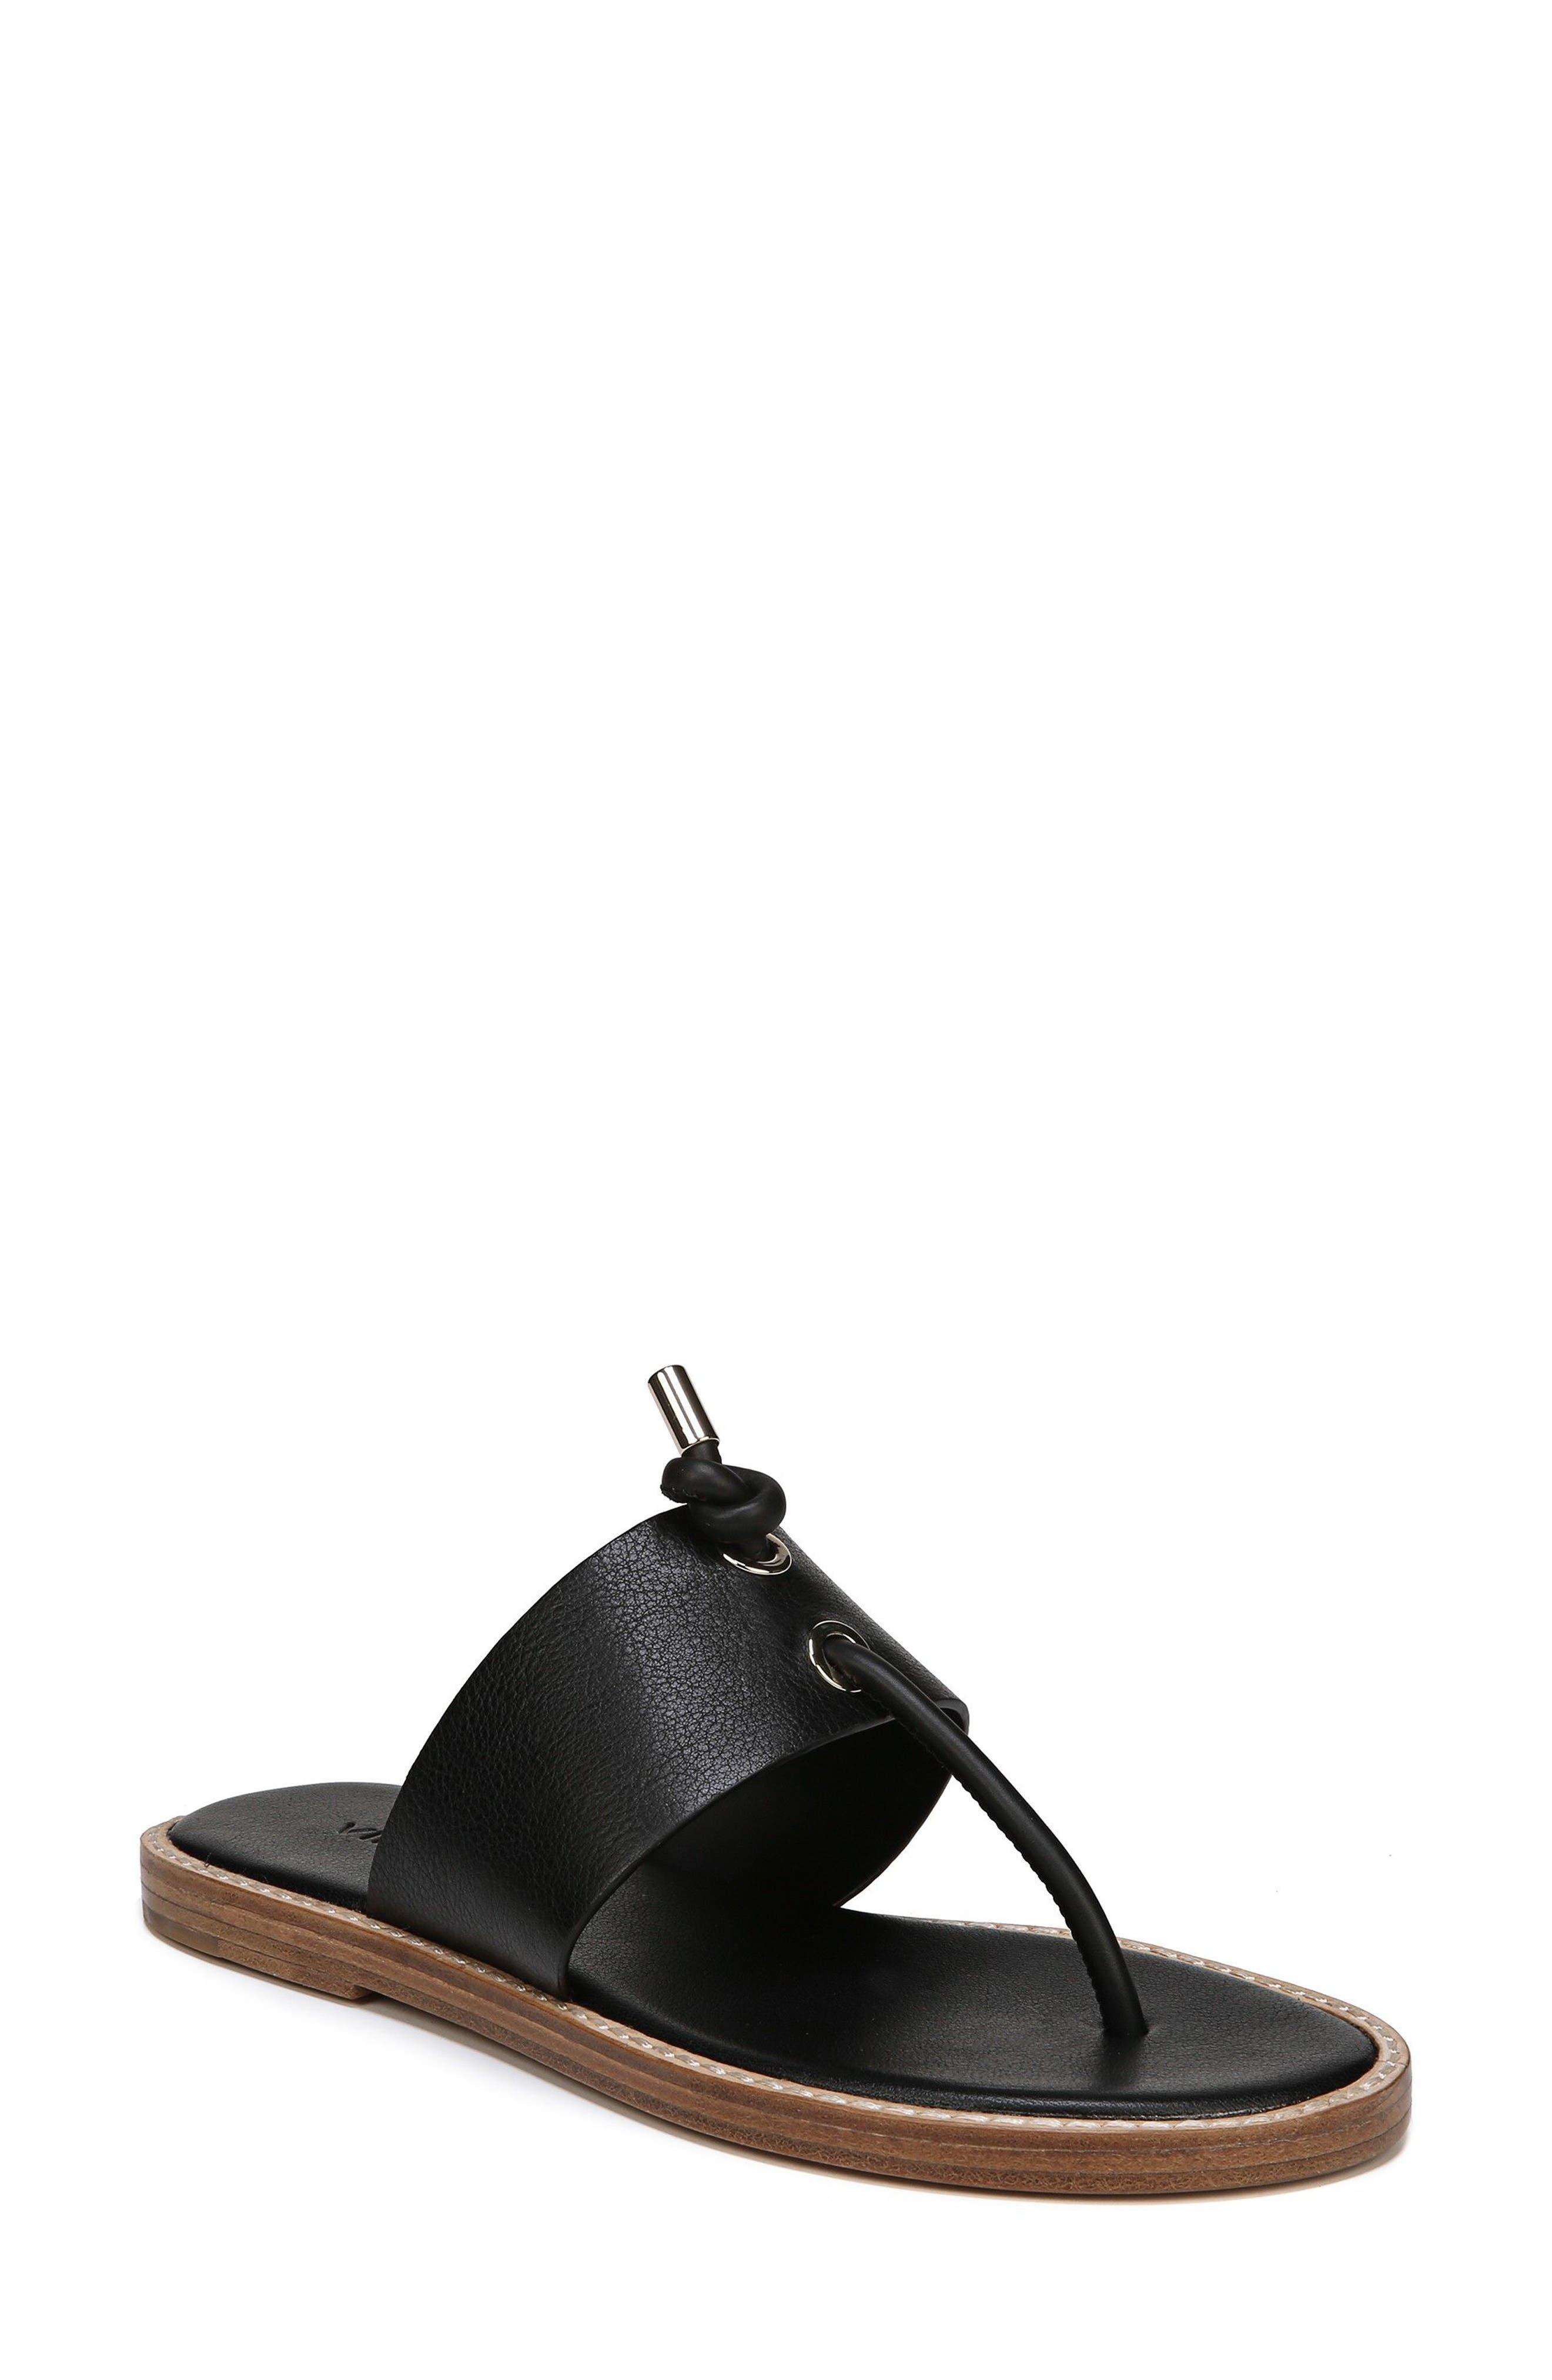 VINCE Caelan Sandal, Main, color, 002